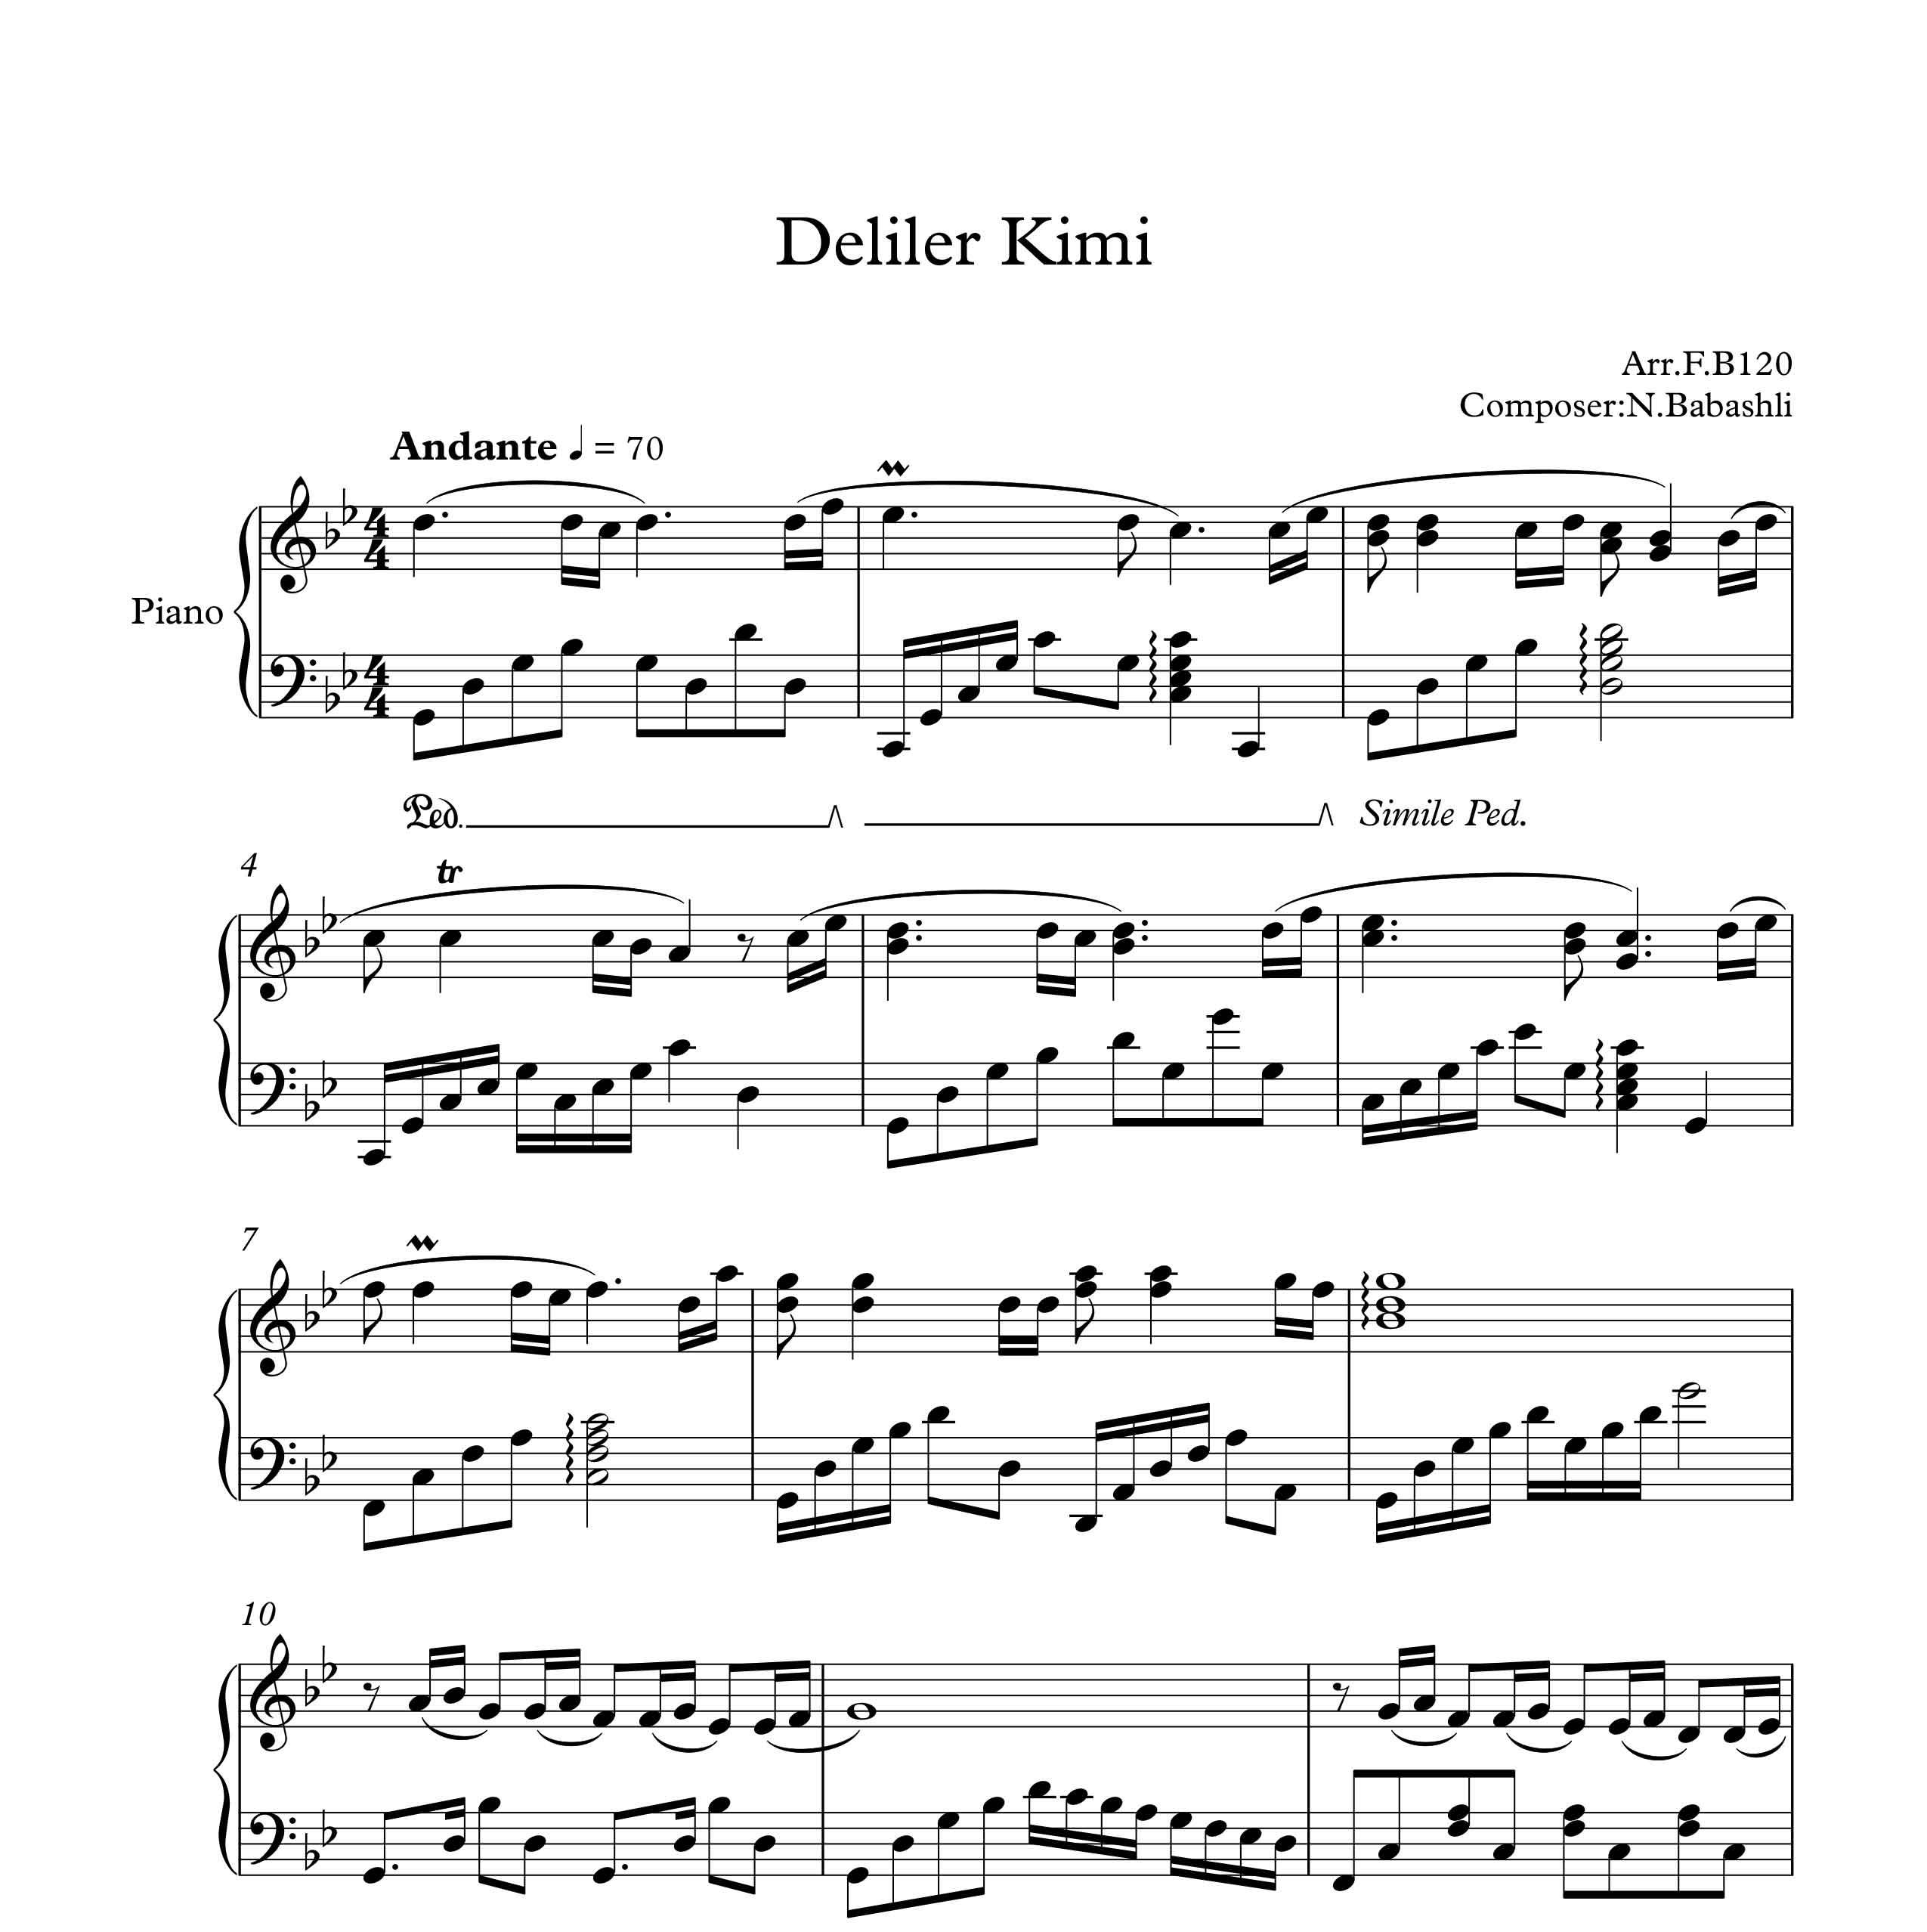 نت آهنگ deliler kimi از nahide babashli برای پیانو